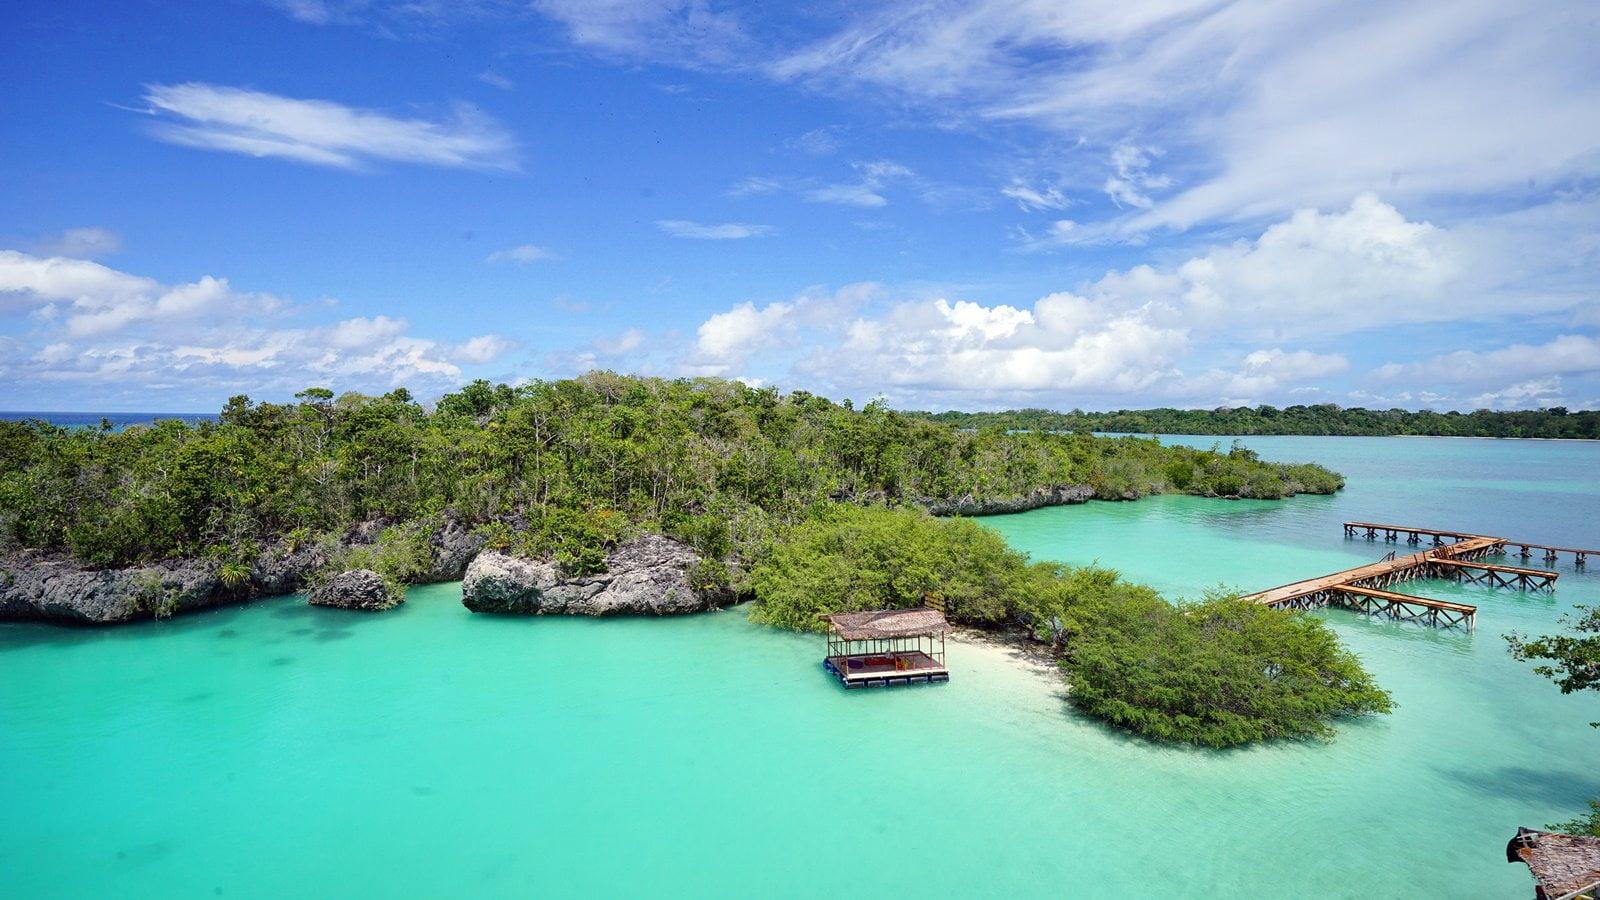 Inilah 7 Destinasi Wisata Pantai Terpopuler di Maluku